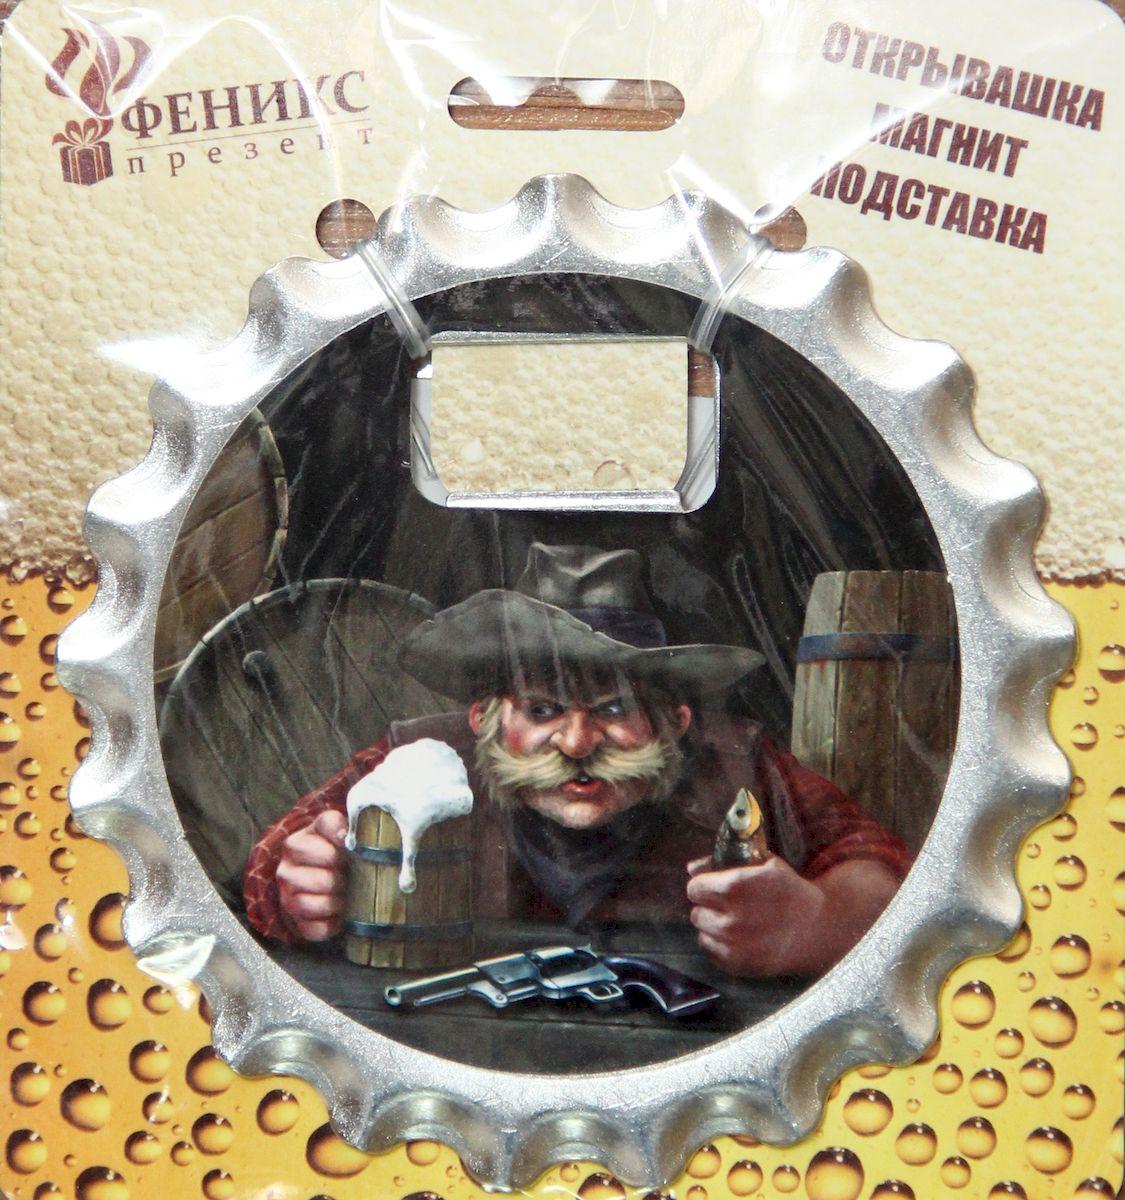 Ключ для открывания бутылок Magic Home Бандит, с магнитом41196Ключ для открывания бутылок - это полезный и нужный прибор в каждом доме. Он представляет собой подставку под пивной стакан с отверстием для удобного снятия металлических пробок с бутылок. Лицевая сторона украшена оригинальным изображением, а на оборотной стороне закреплены магнит и три пробковые вставки для защиты поверхности стола от повреждений. Изделие выполнено из оцинкованного металла.